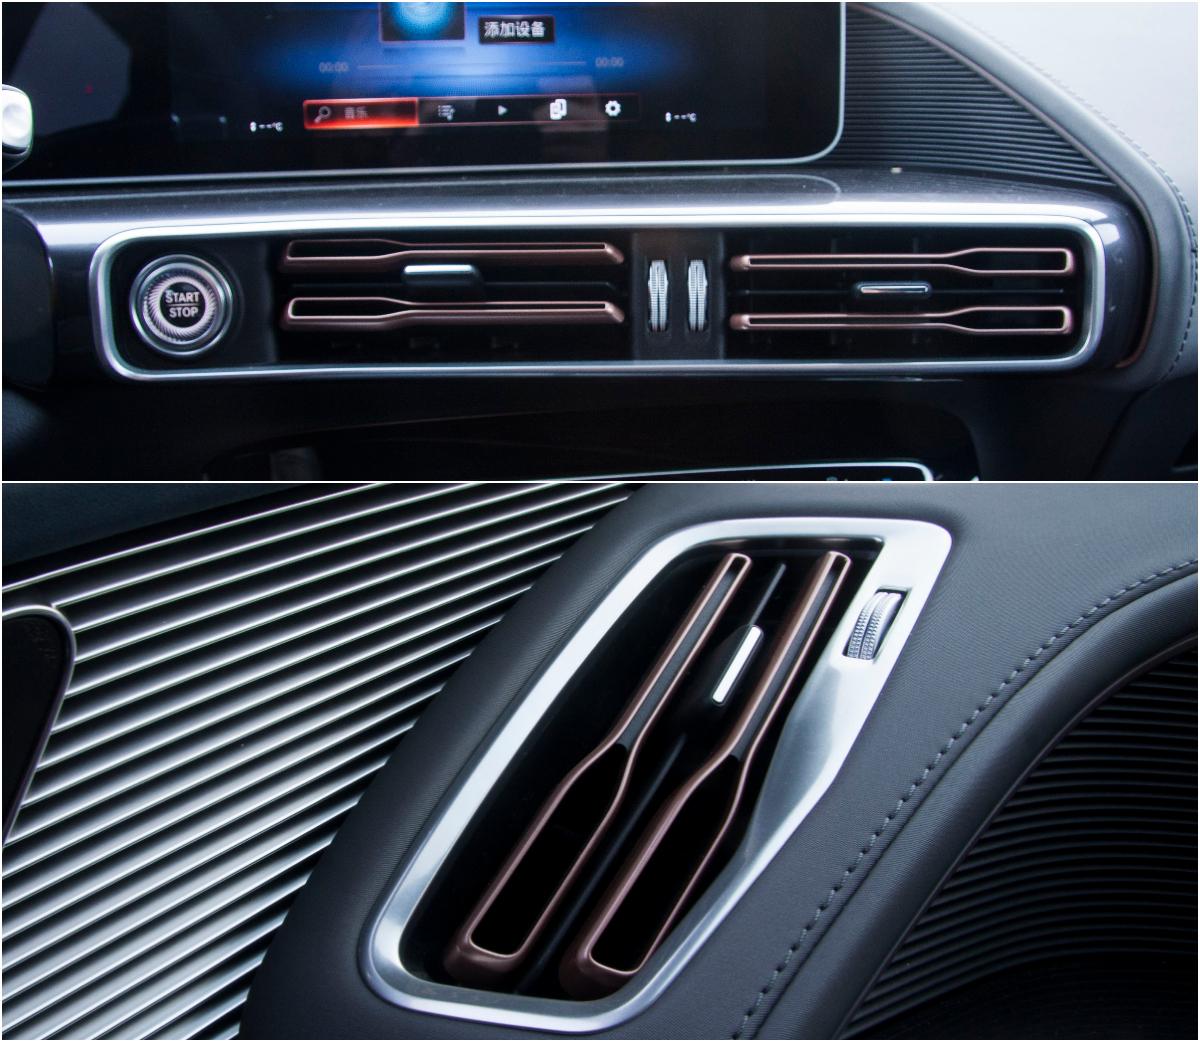 一台豪华电动车应该有怎样的品质,开过奔驰E